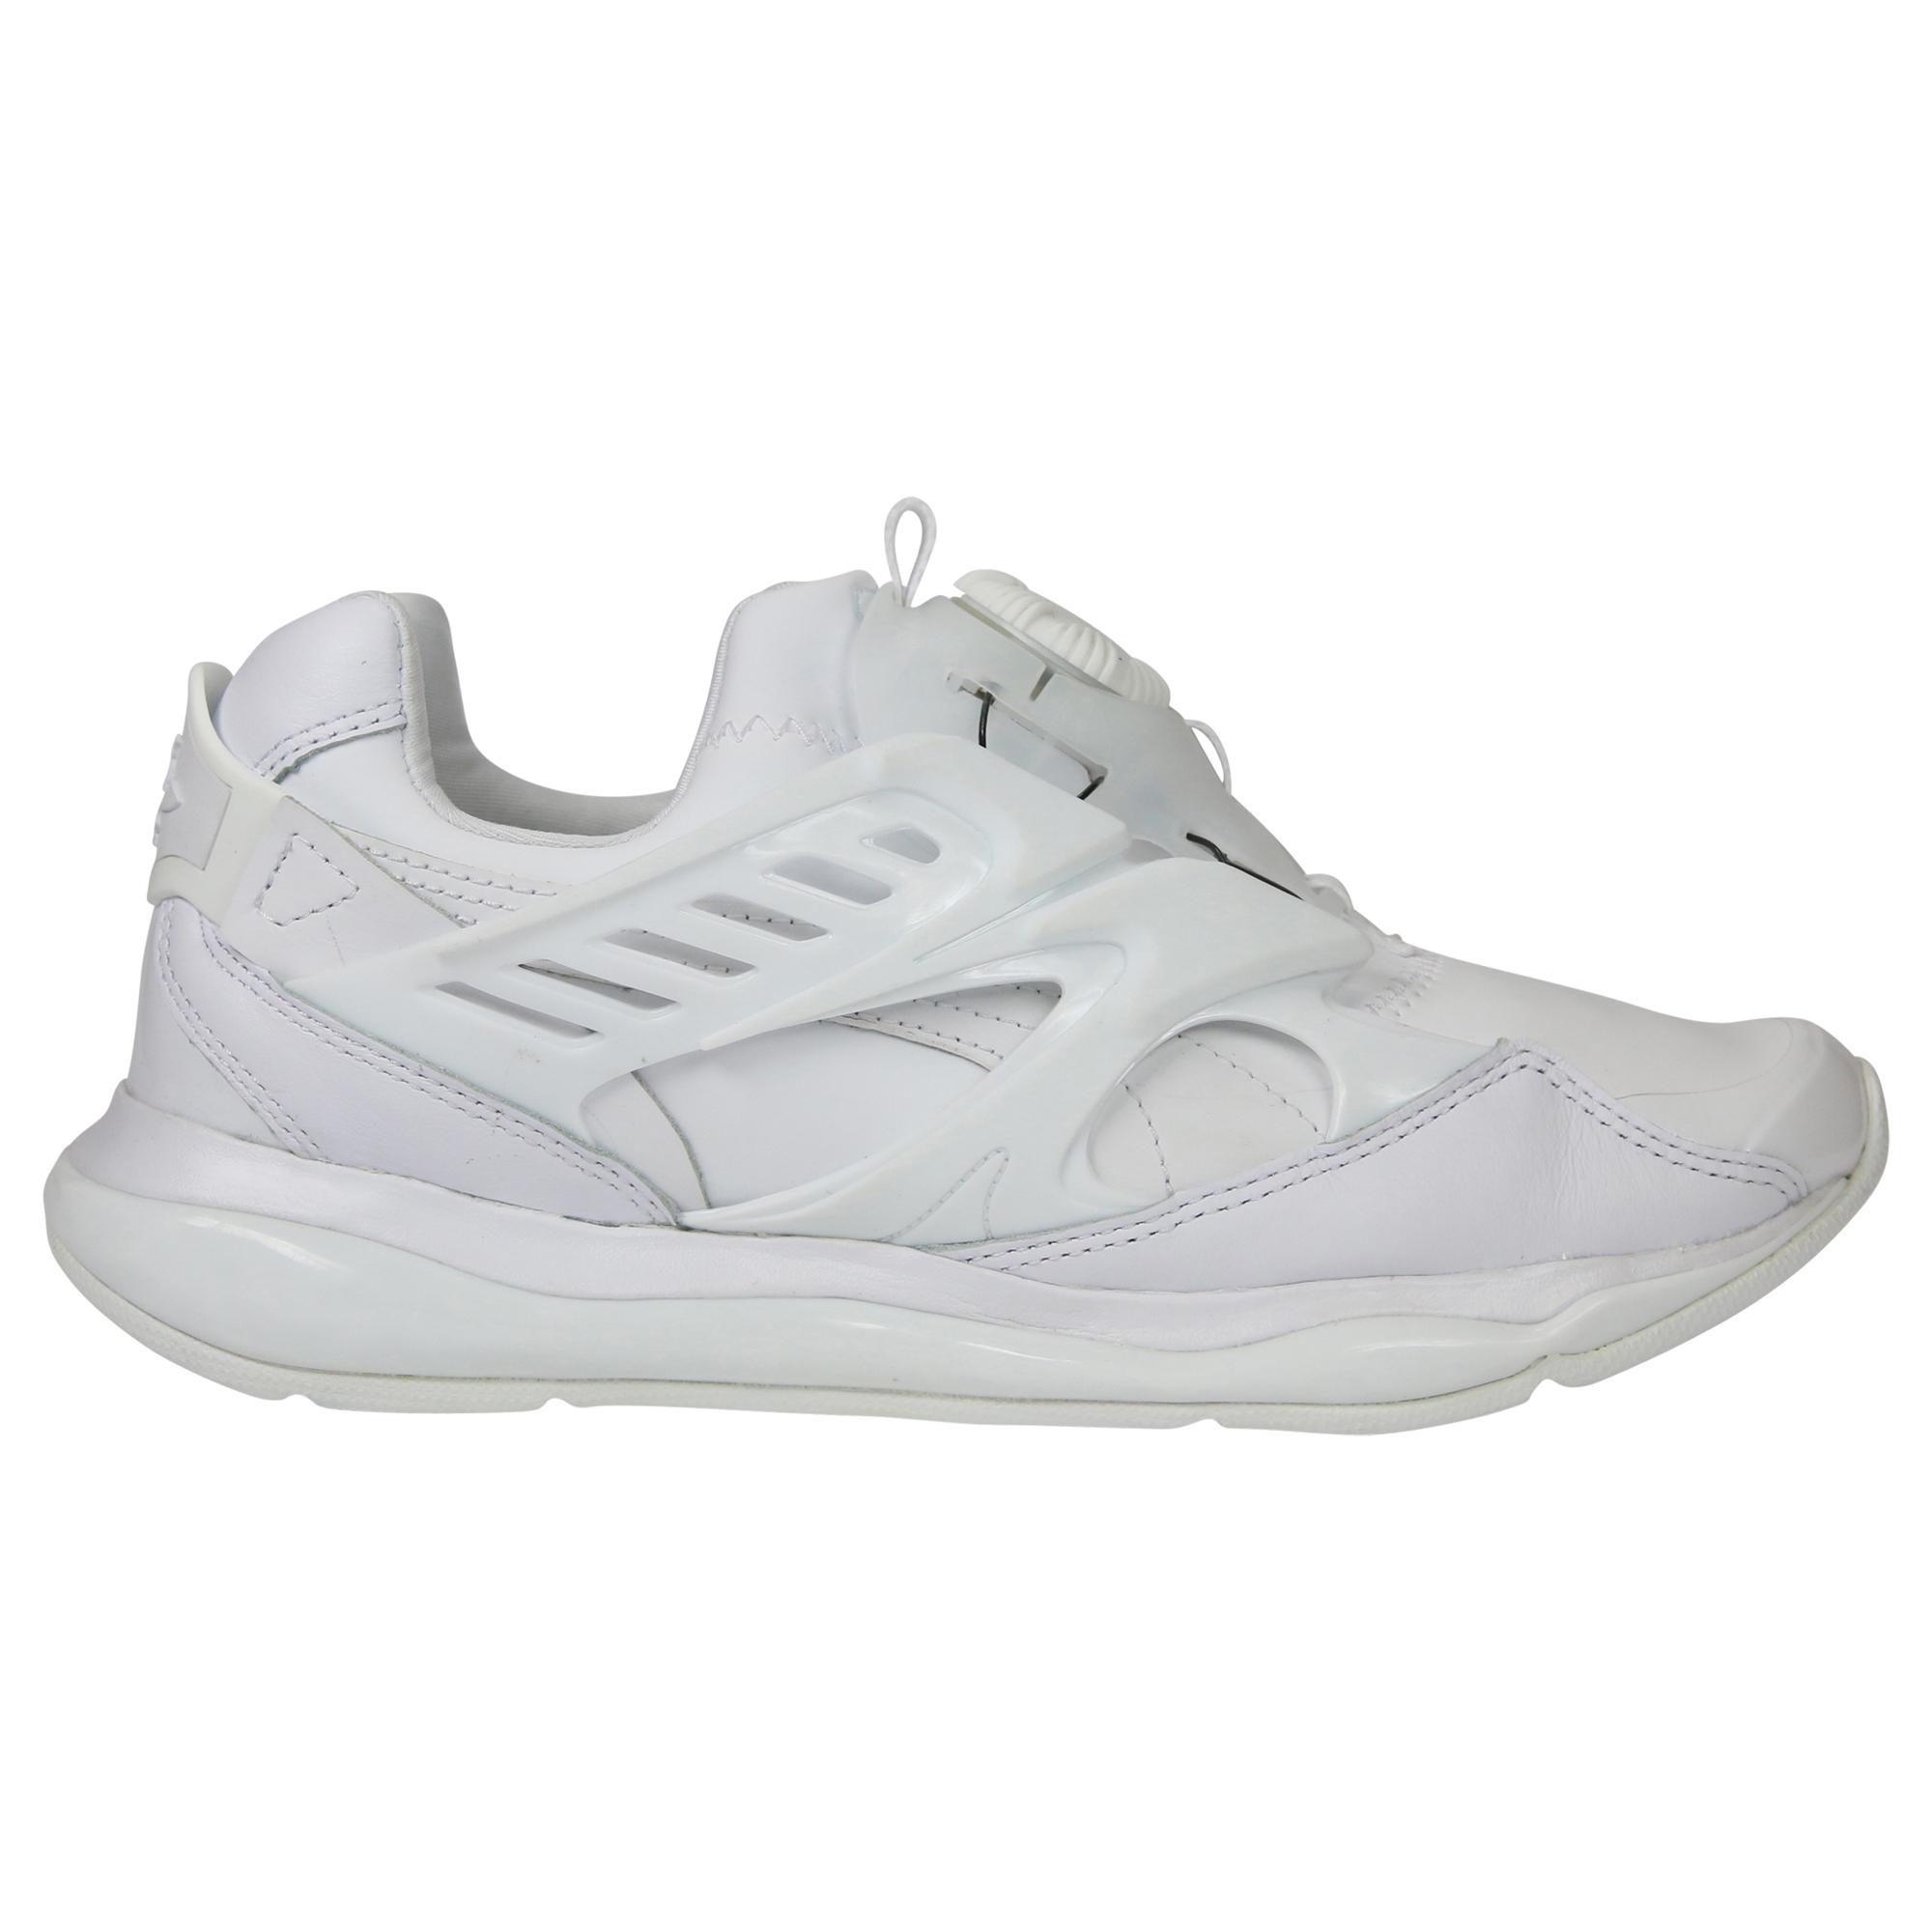 Puma Damen Disc Blaze Schuhe Turnschuhe Sneaker Herren Damen Puma verschiedene Modelle c6ba29